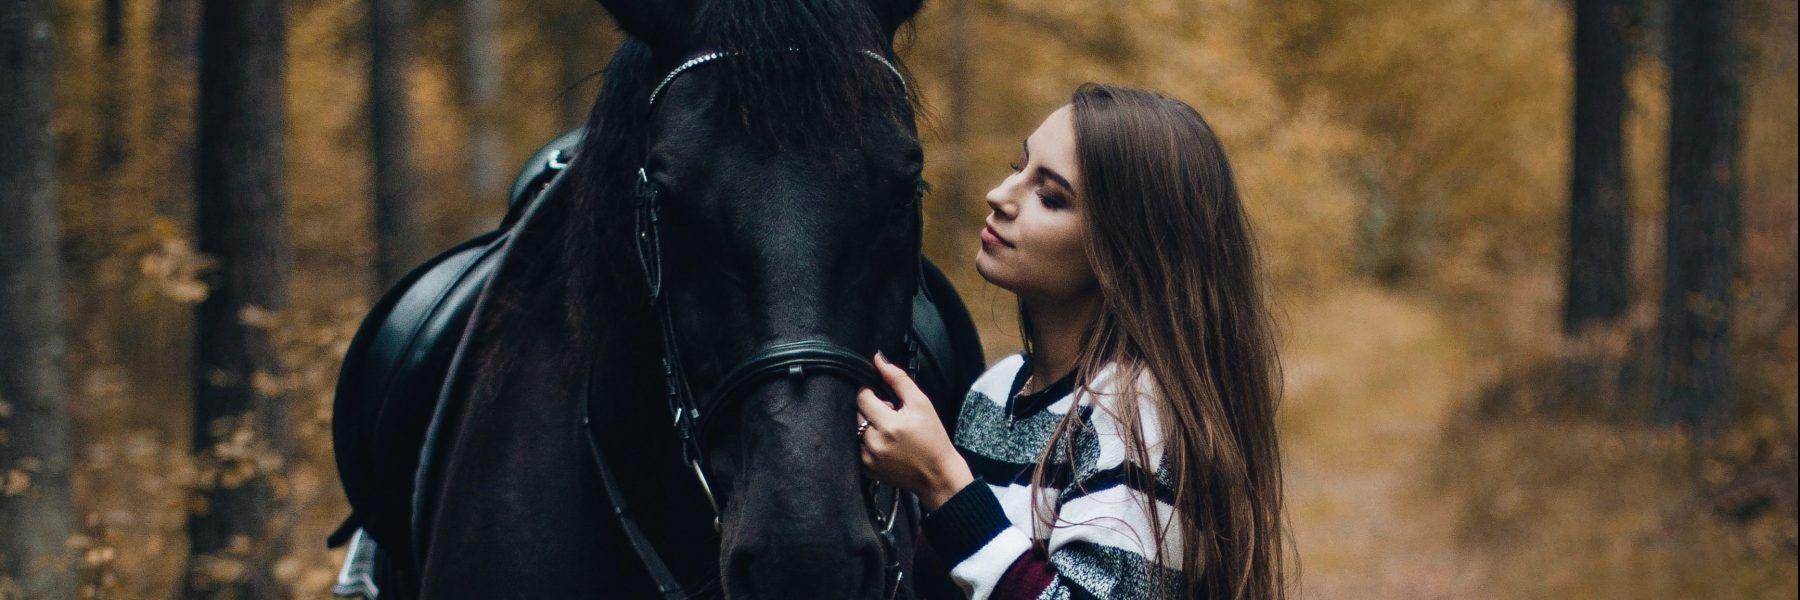 rencontre passionné chevaux annempillsworth.com Equitation